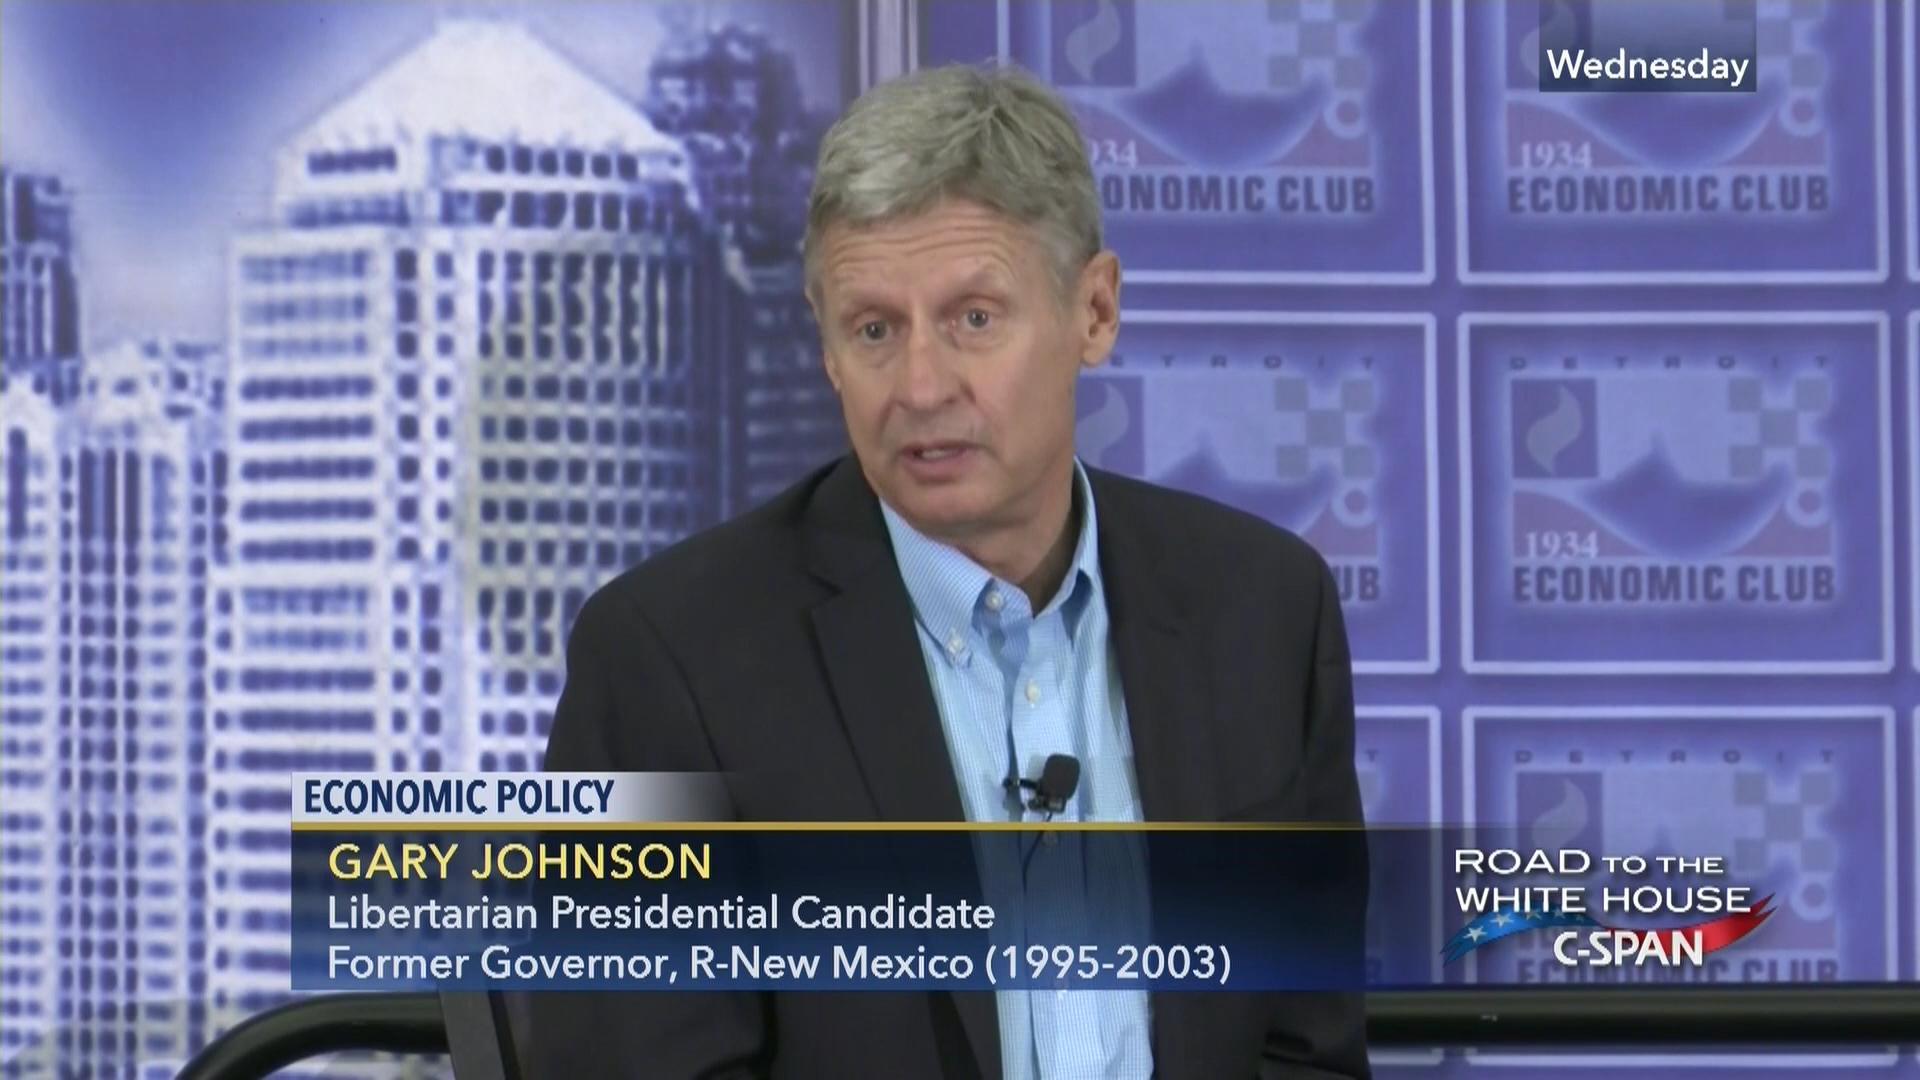 gary johnson remarks at